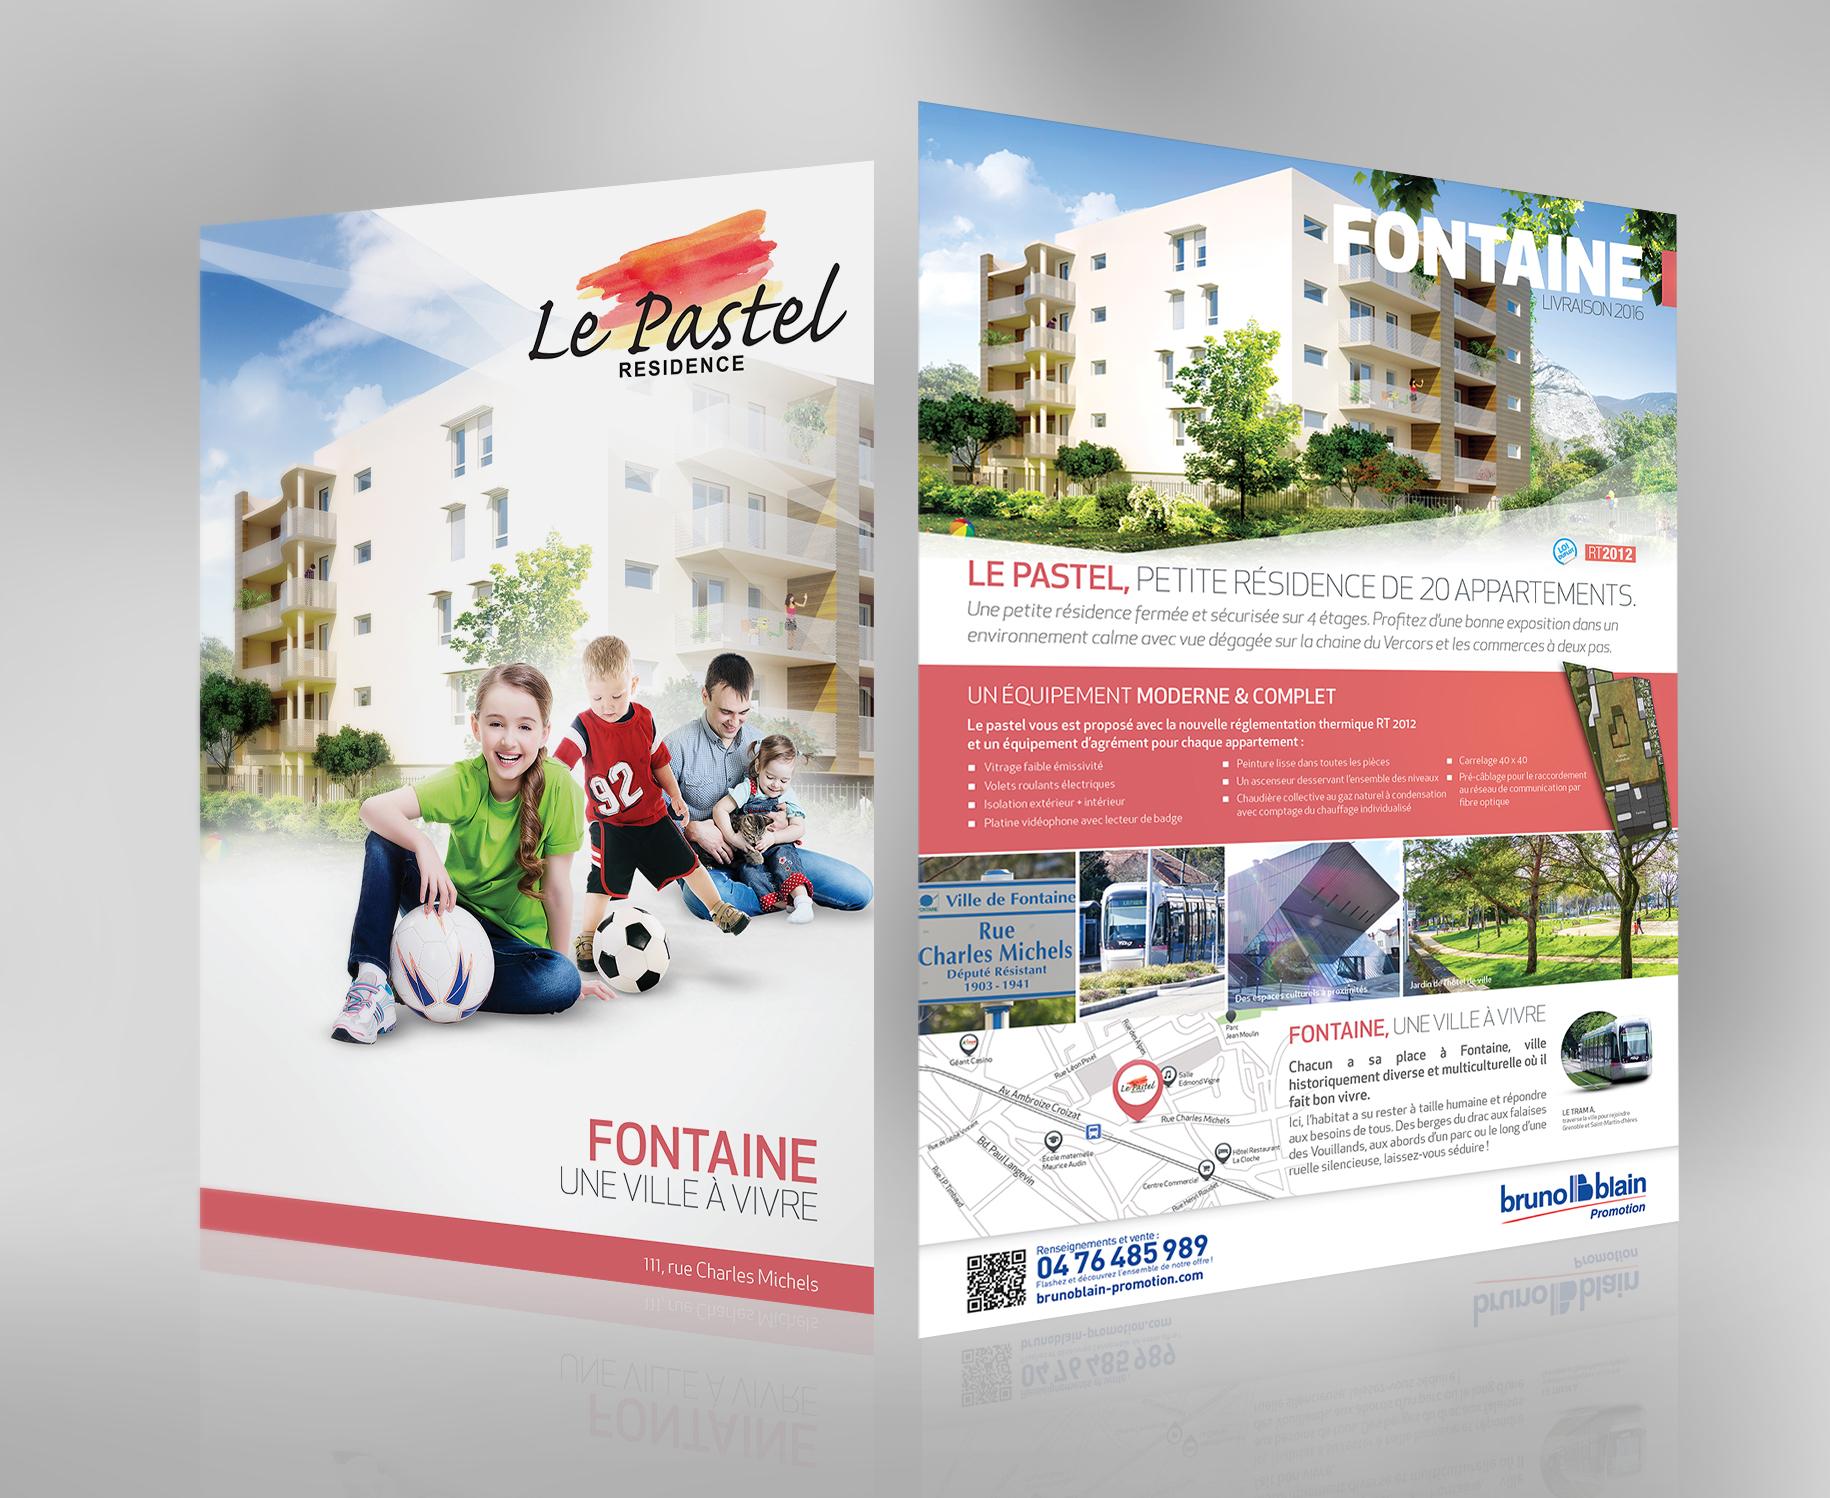 Plaquette du programme immobilier, le Pastel à Fontaine - 38